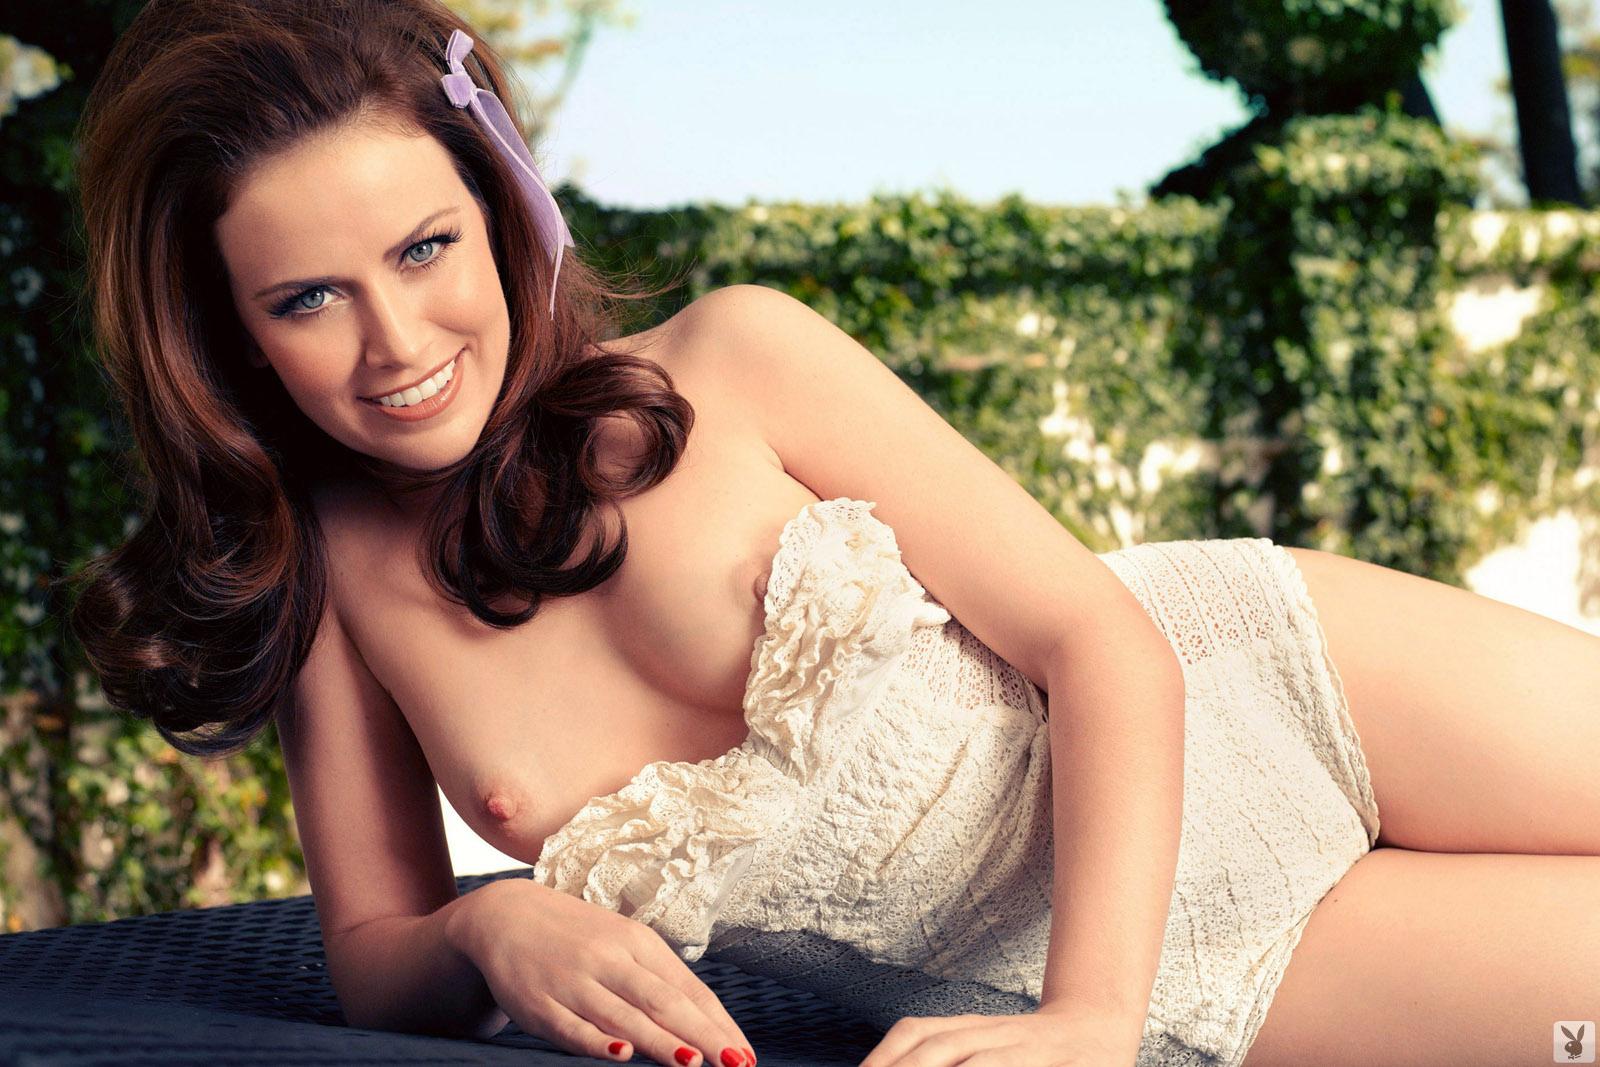 24 de Fevereiro — Crista, uma balzaquiana na Playboy